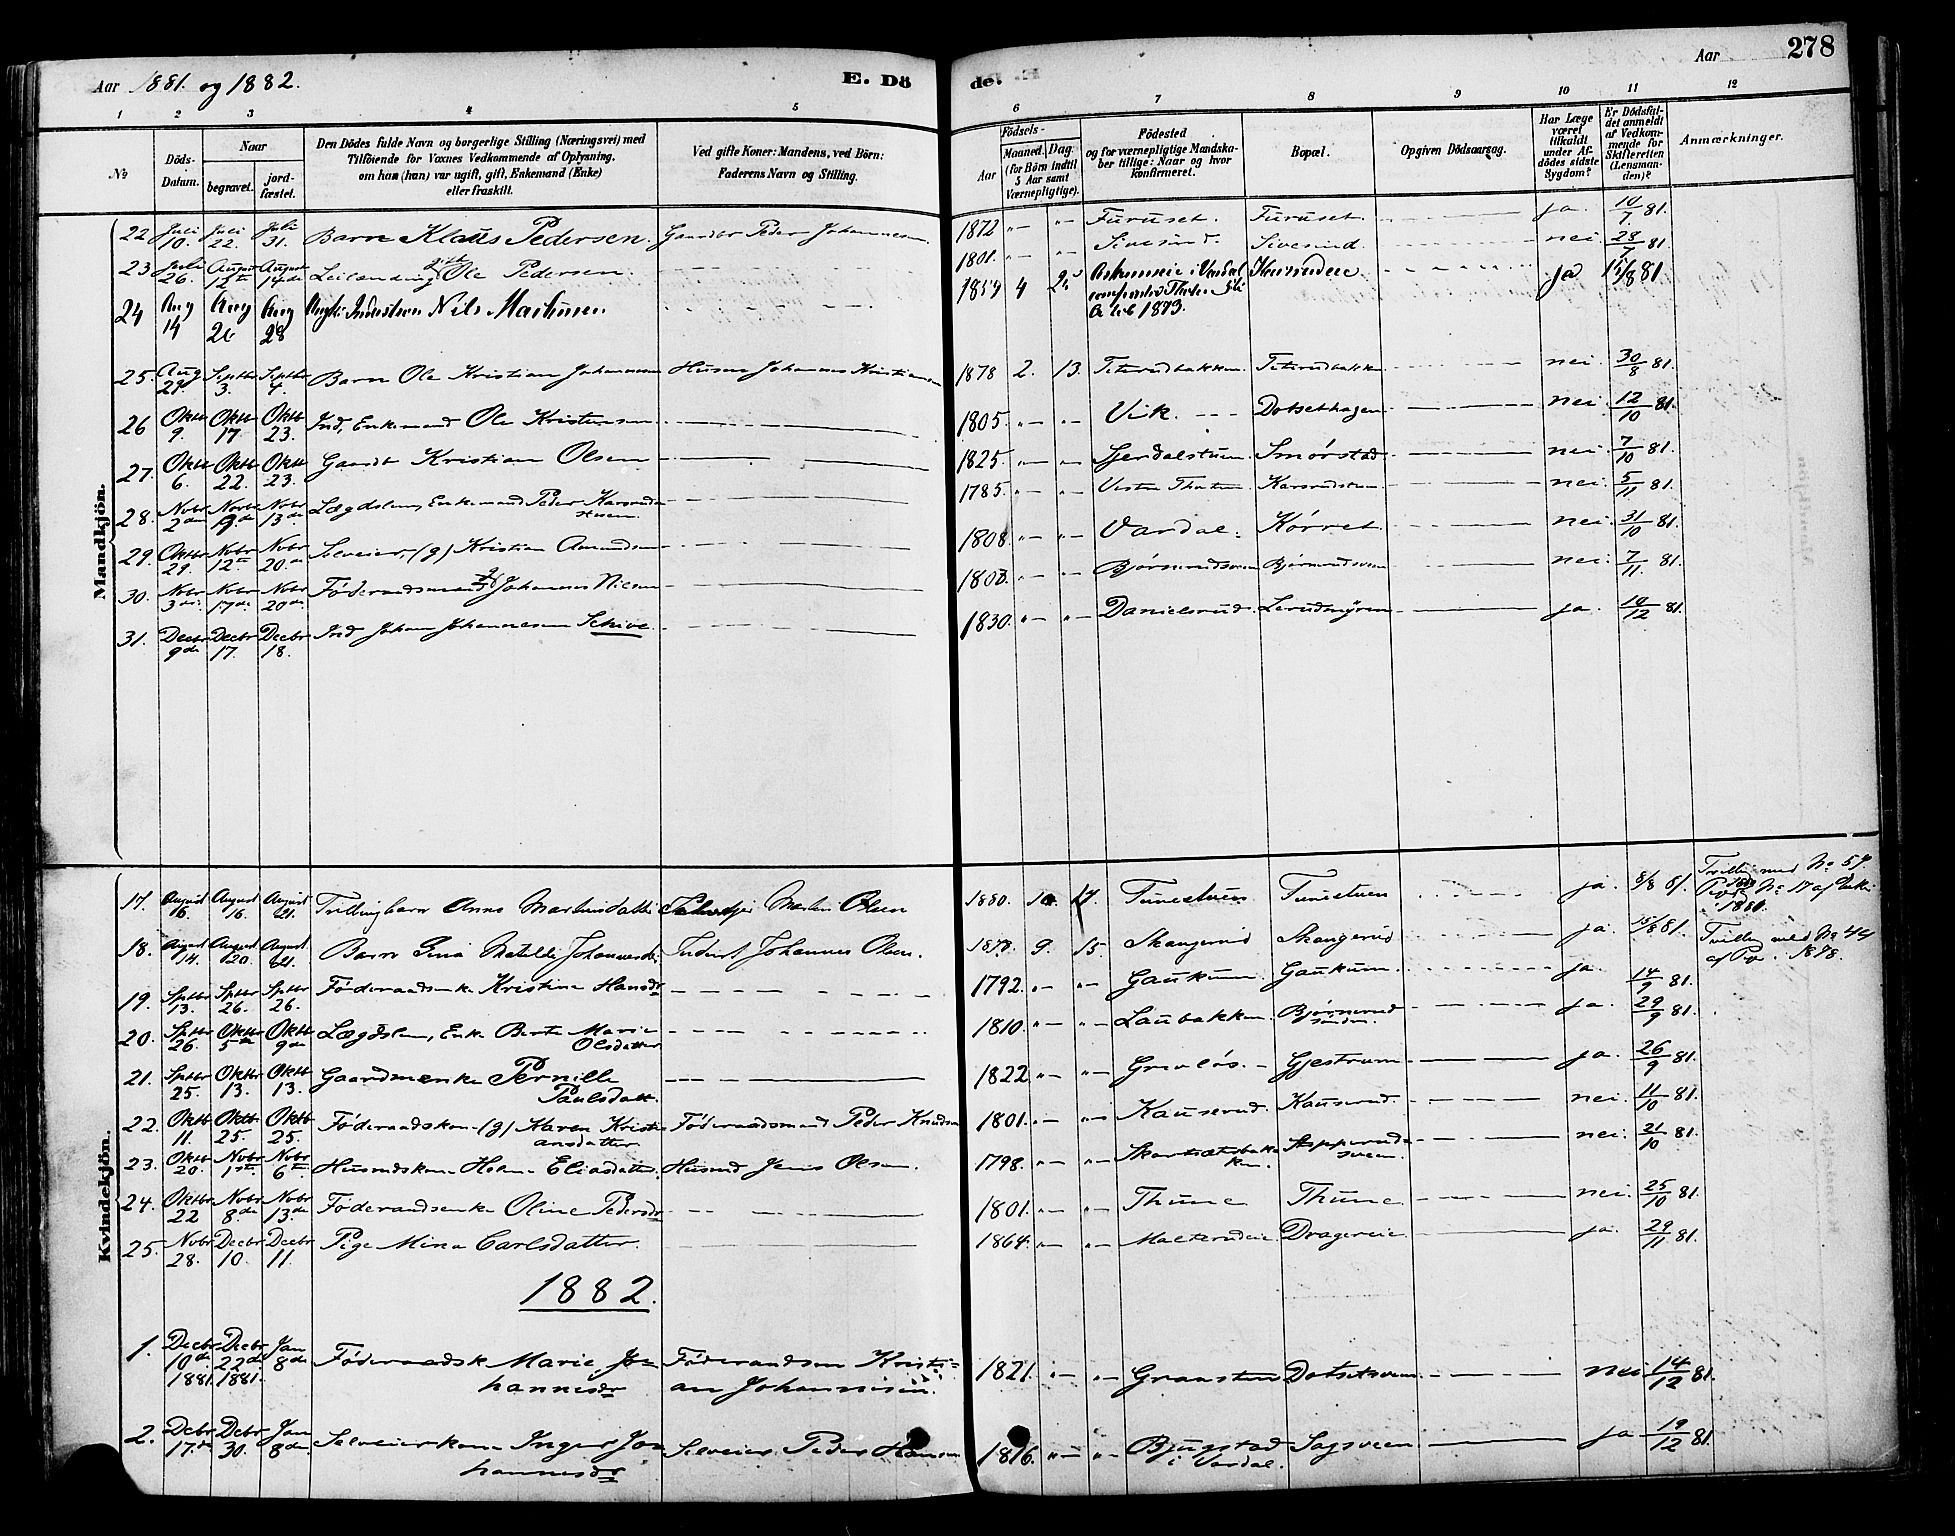 SAH, Vestre Toten prestekontor, Ministerialbok nr. 9, 1878-1894, s. 278